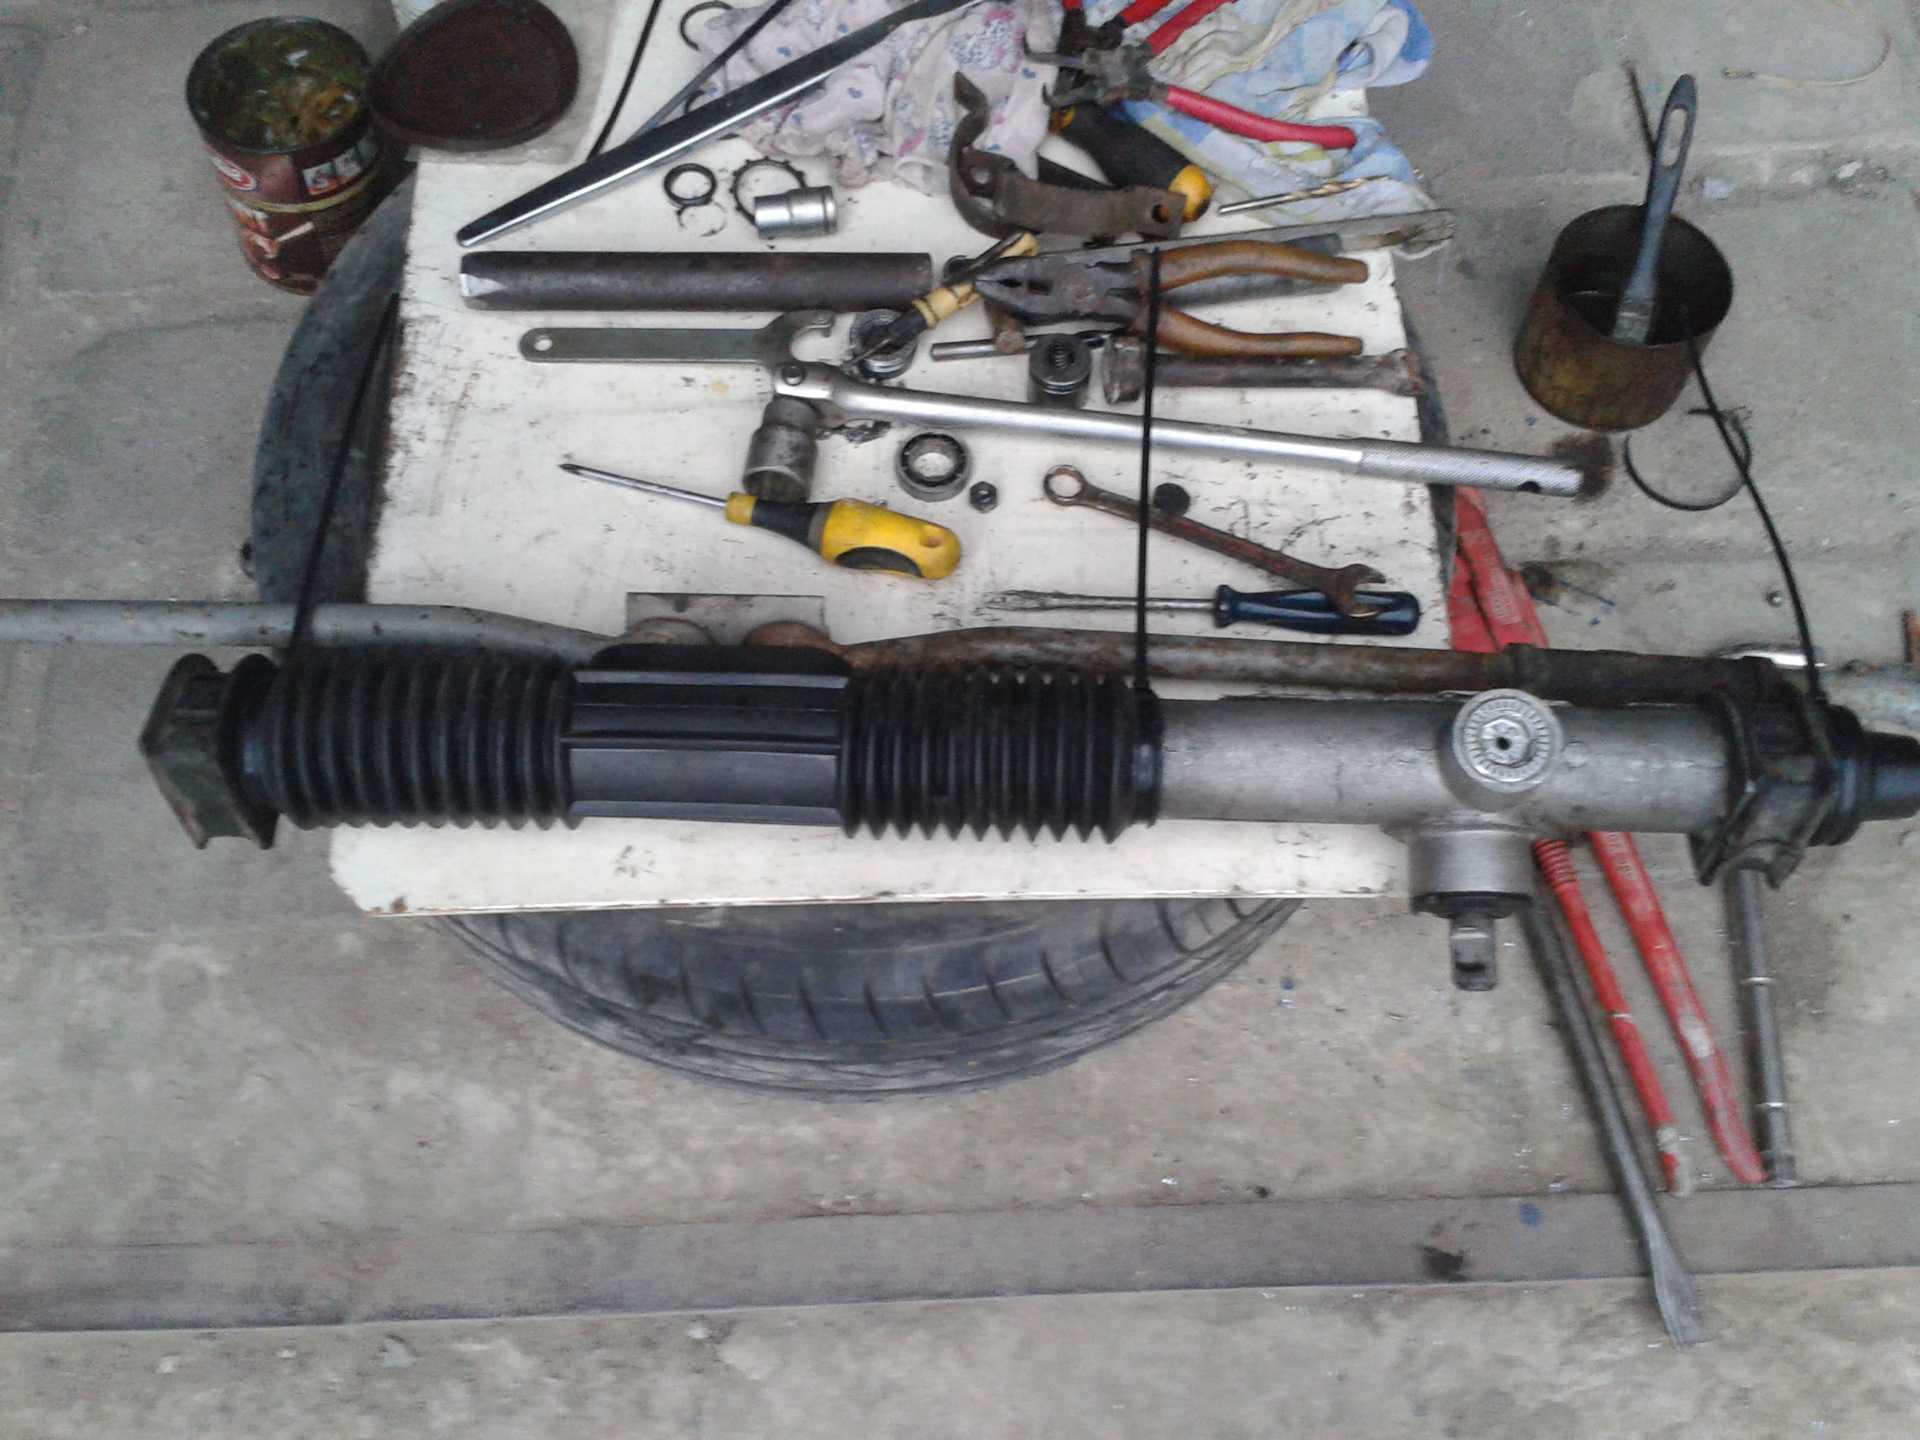 Замена рулевой рейки на ваз 2110 своими руками: инструкция по ремонту, процесс снятия и замены (фото, видео) | luxvaz